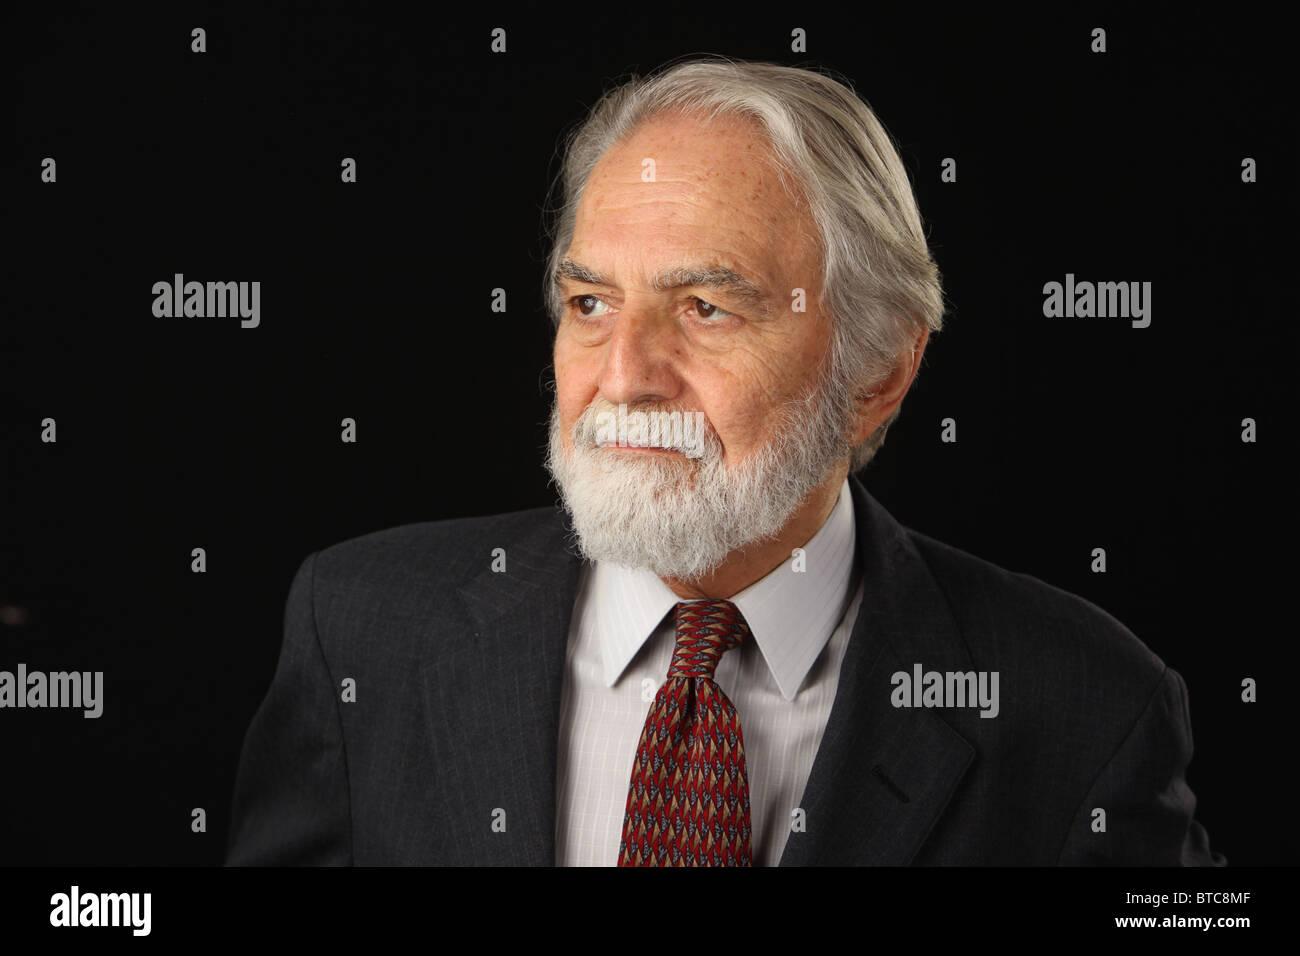 Ritratto di barba e capelli grigi imprenditore senior in tuta e cravatta c35ad14bcc18